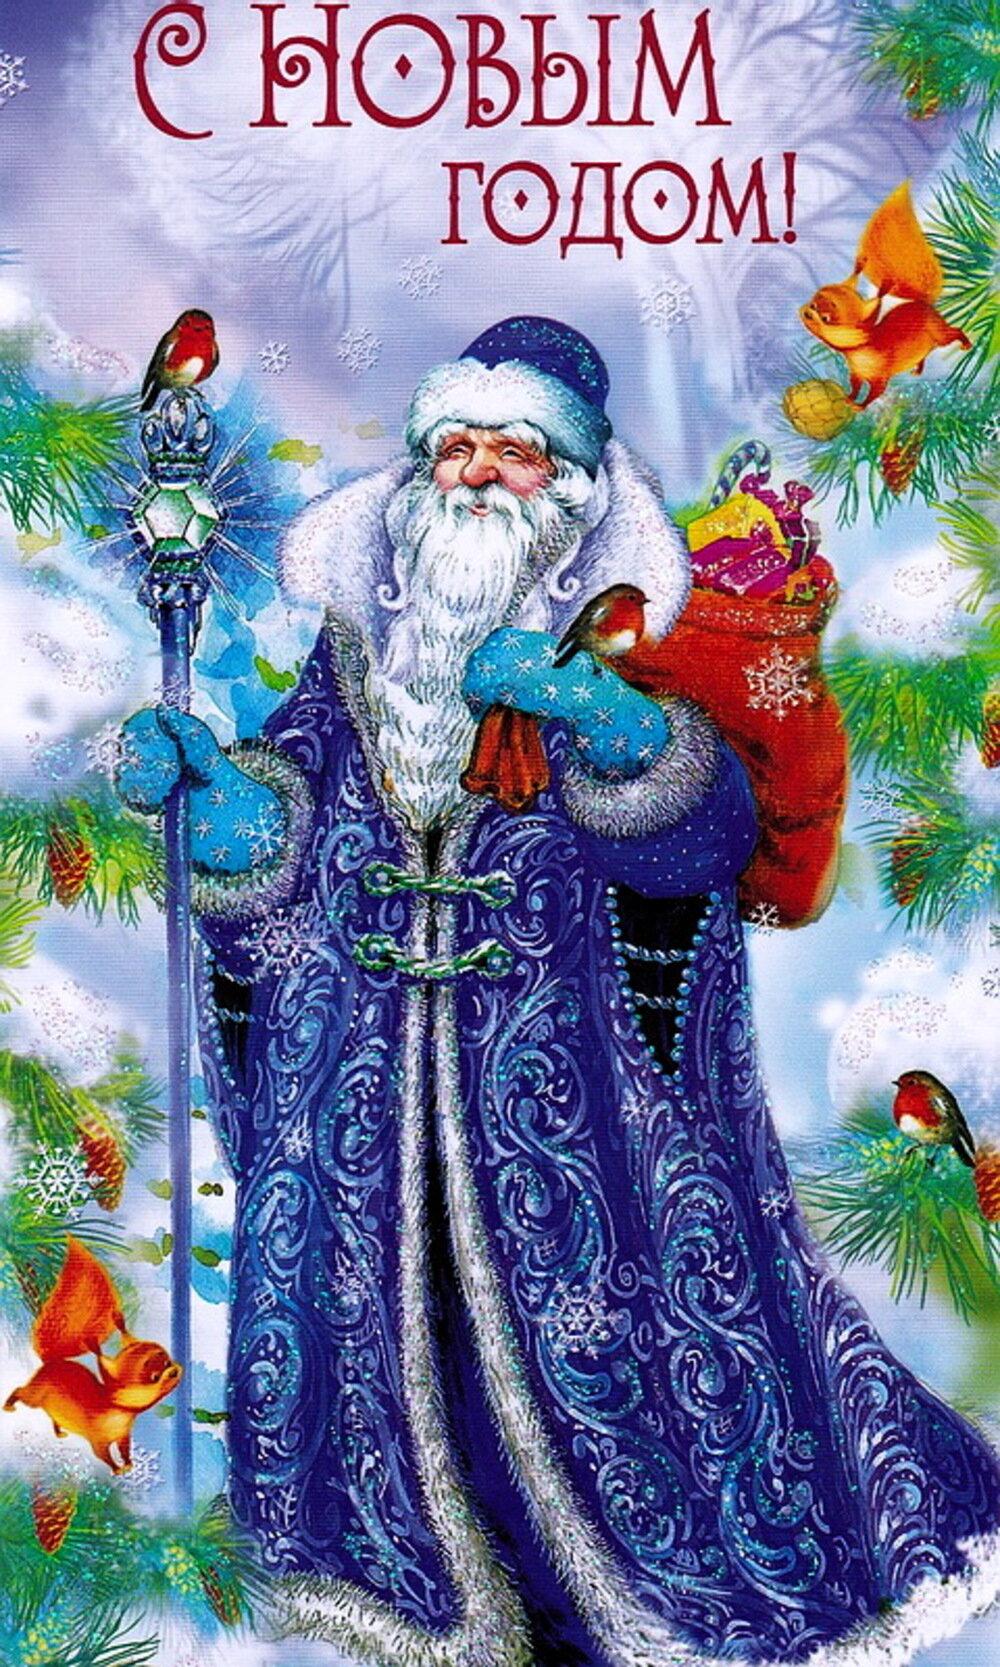 Дед мороз на открытках в синей шубе, февраля